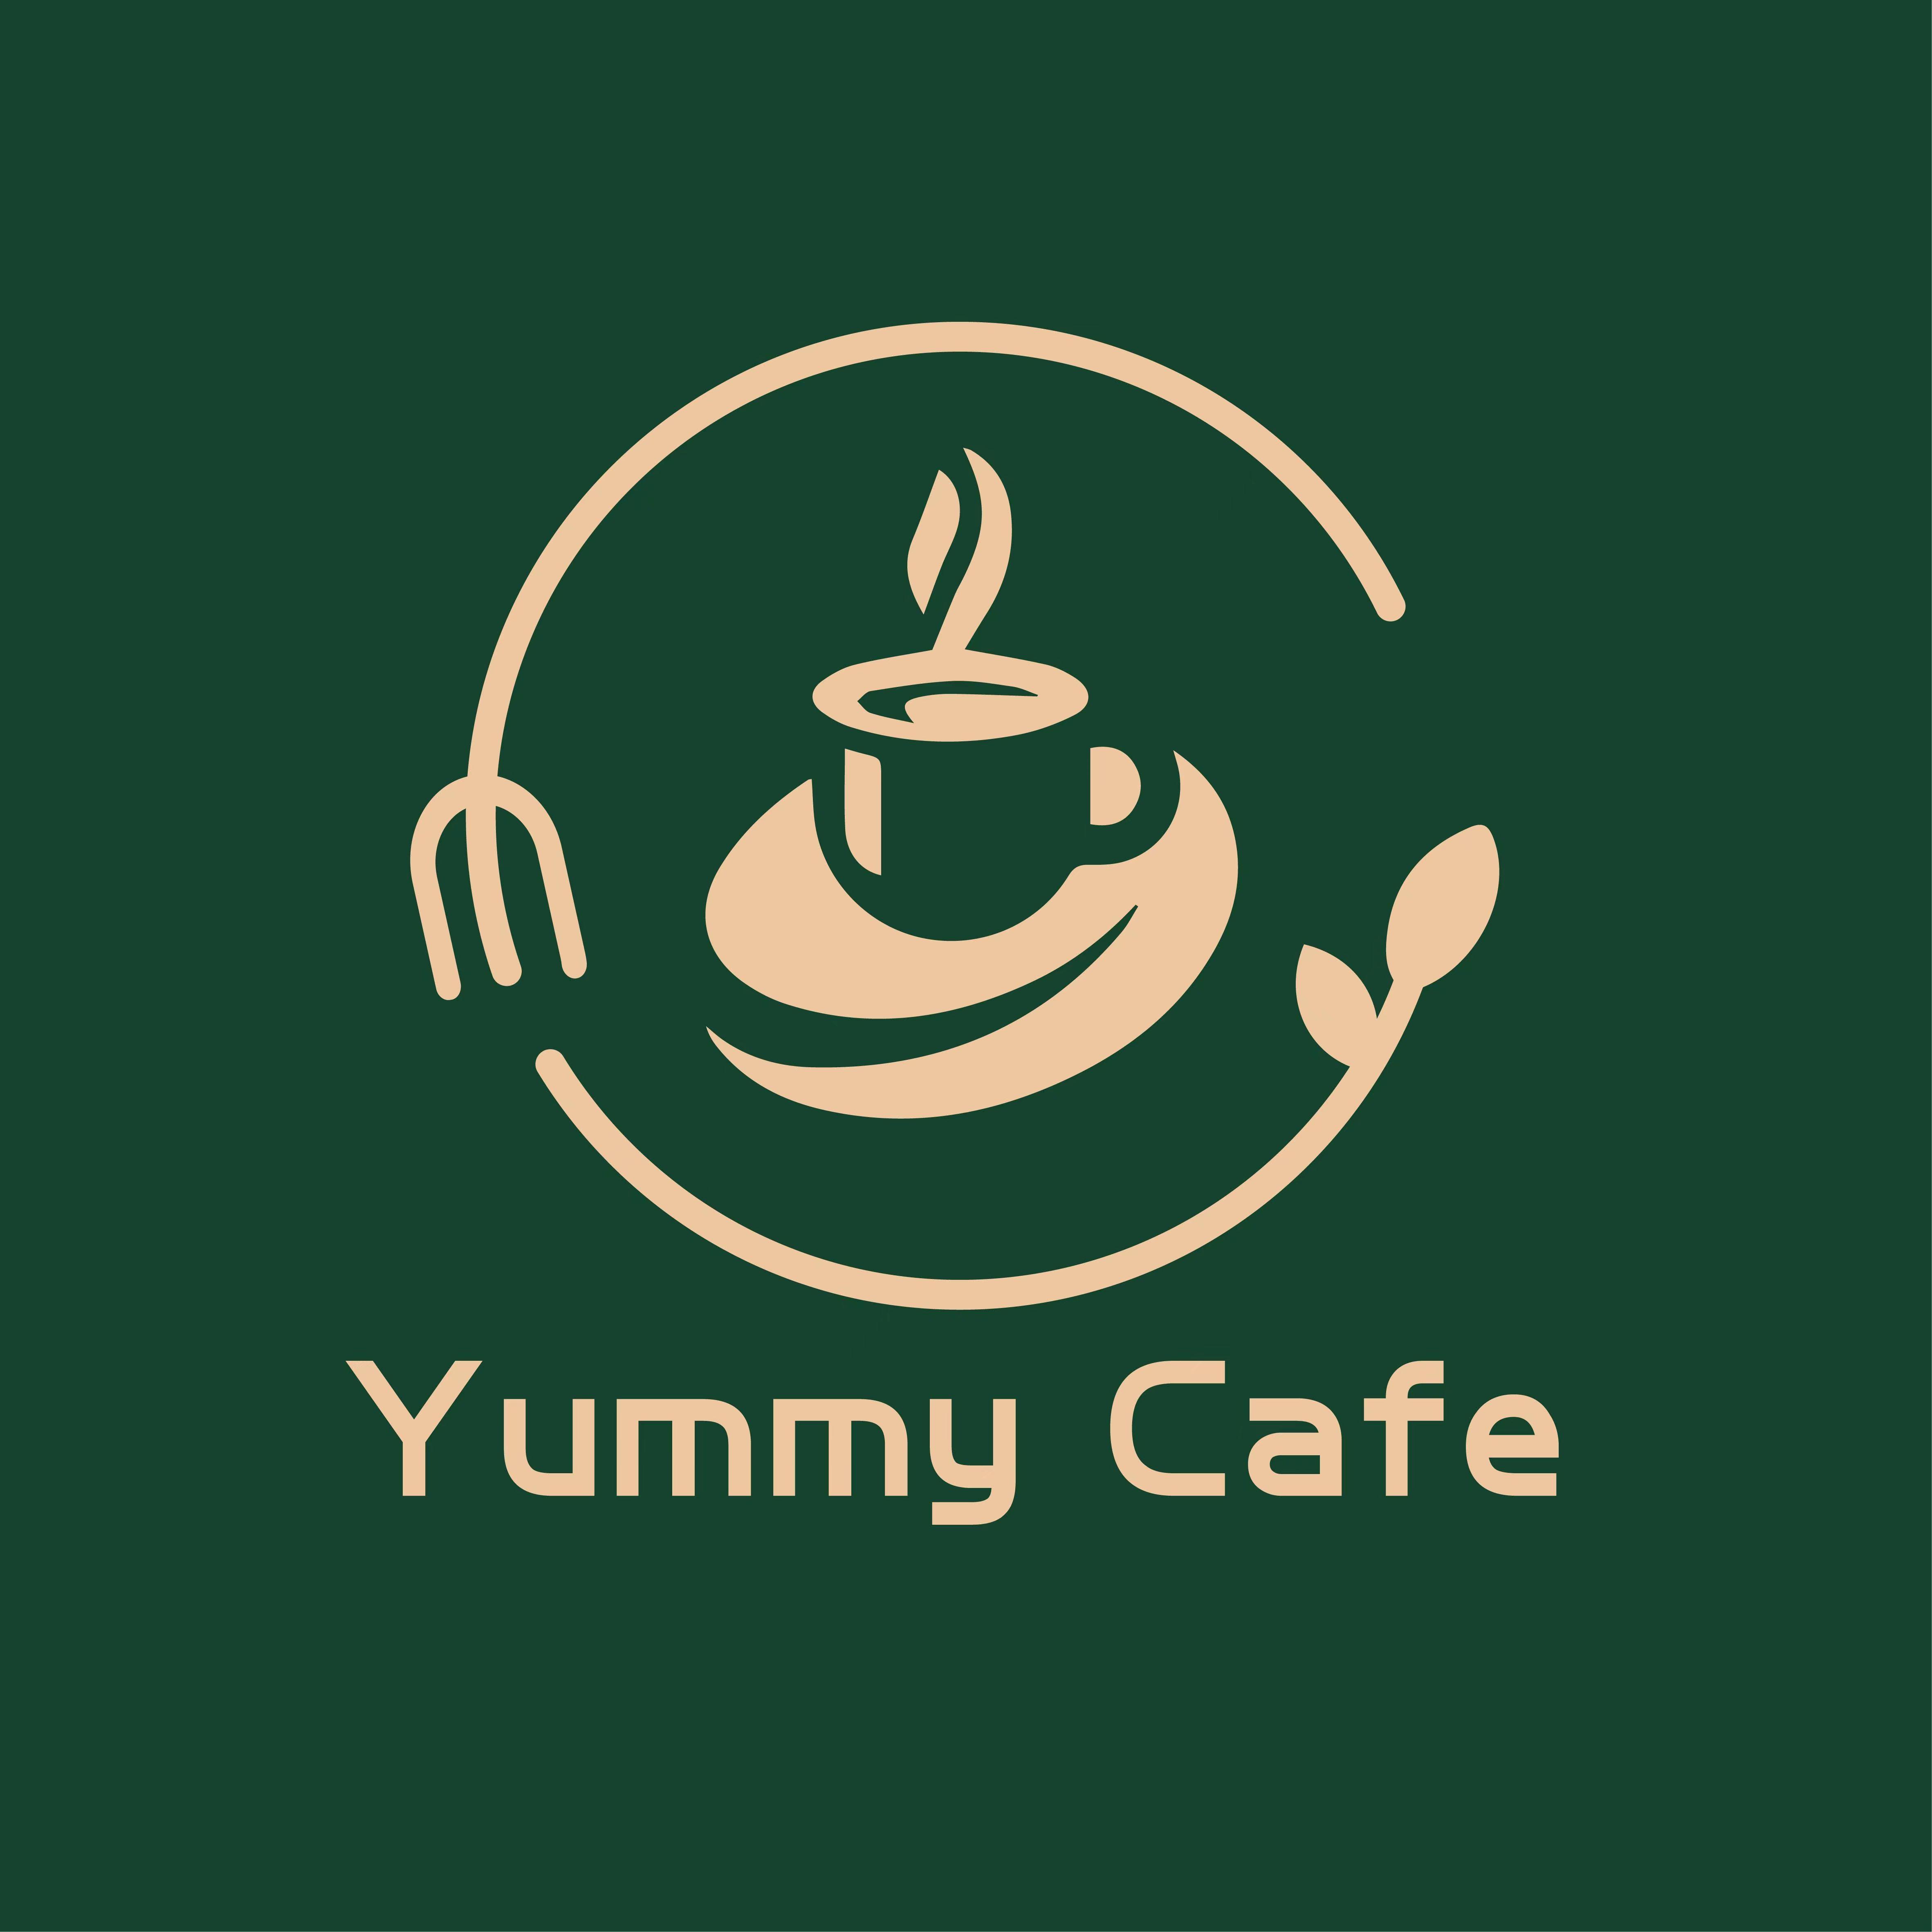 Yummy Cafe